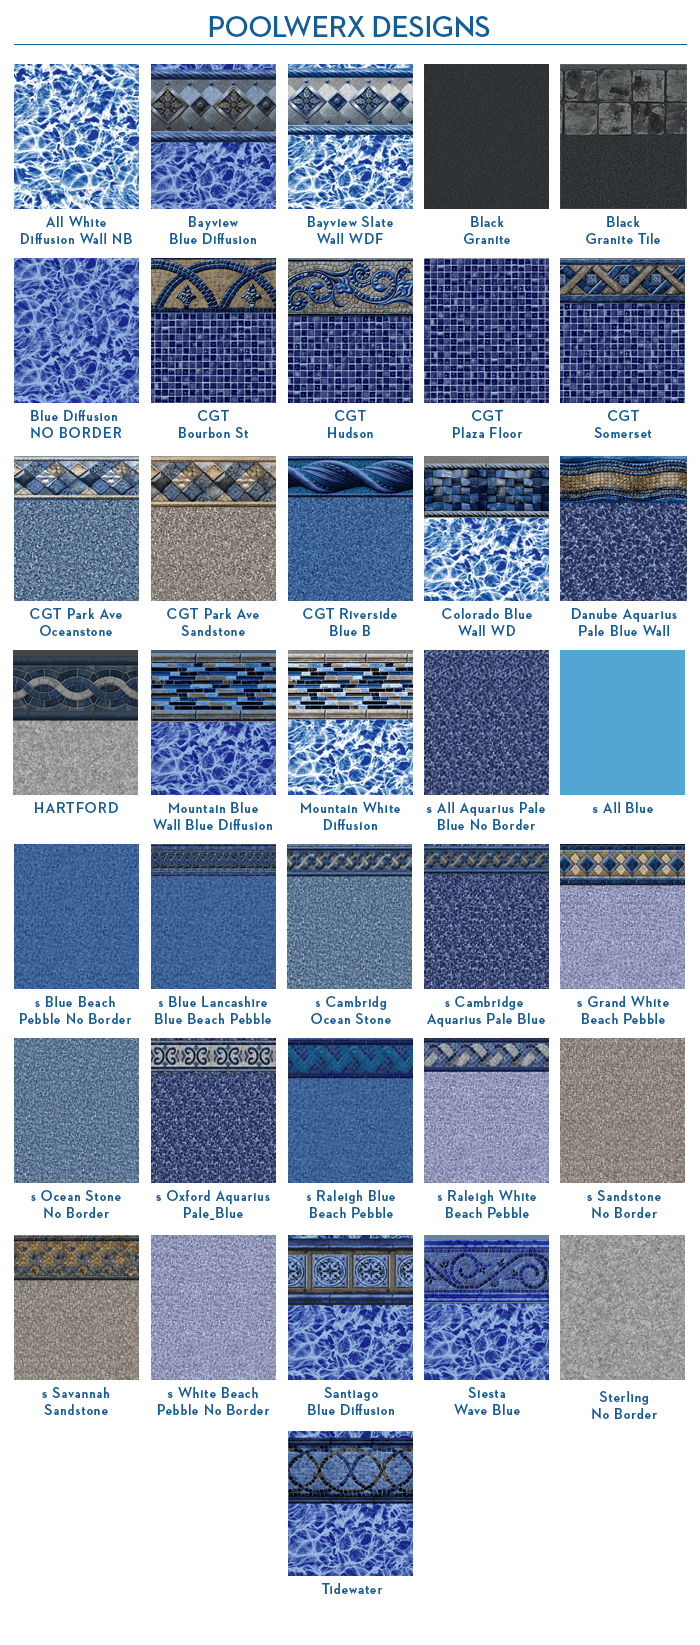 Pool liner designs by PoolWerx